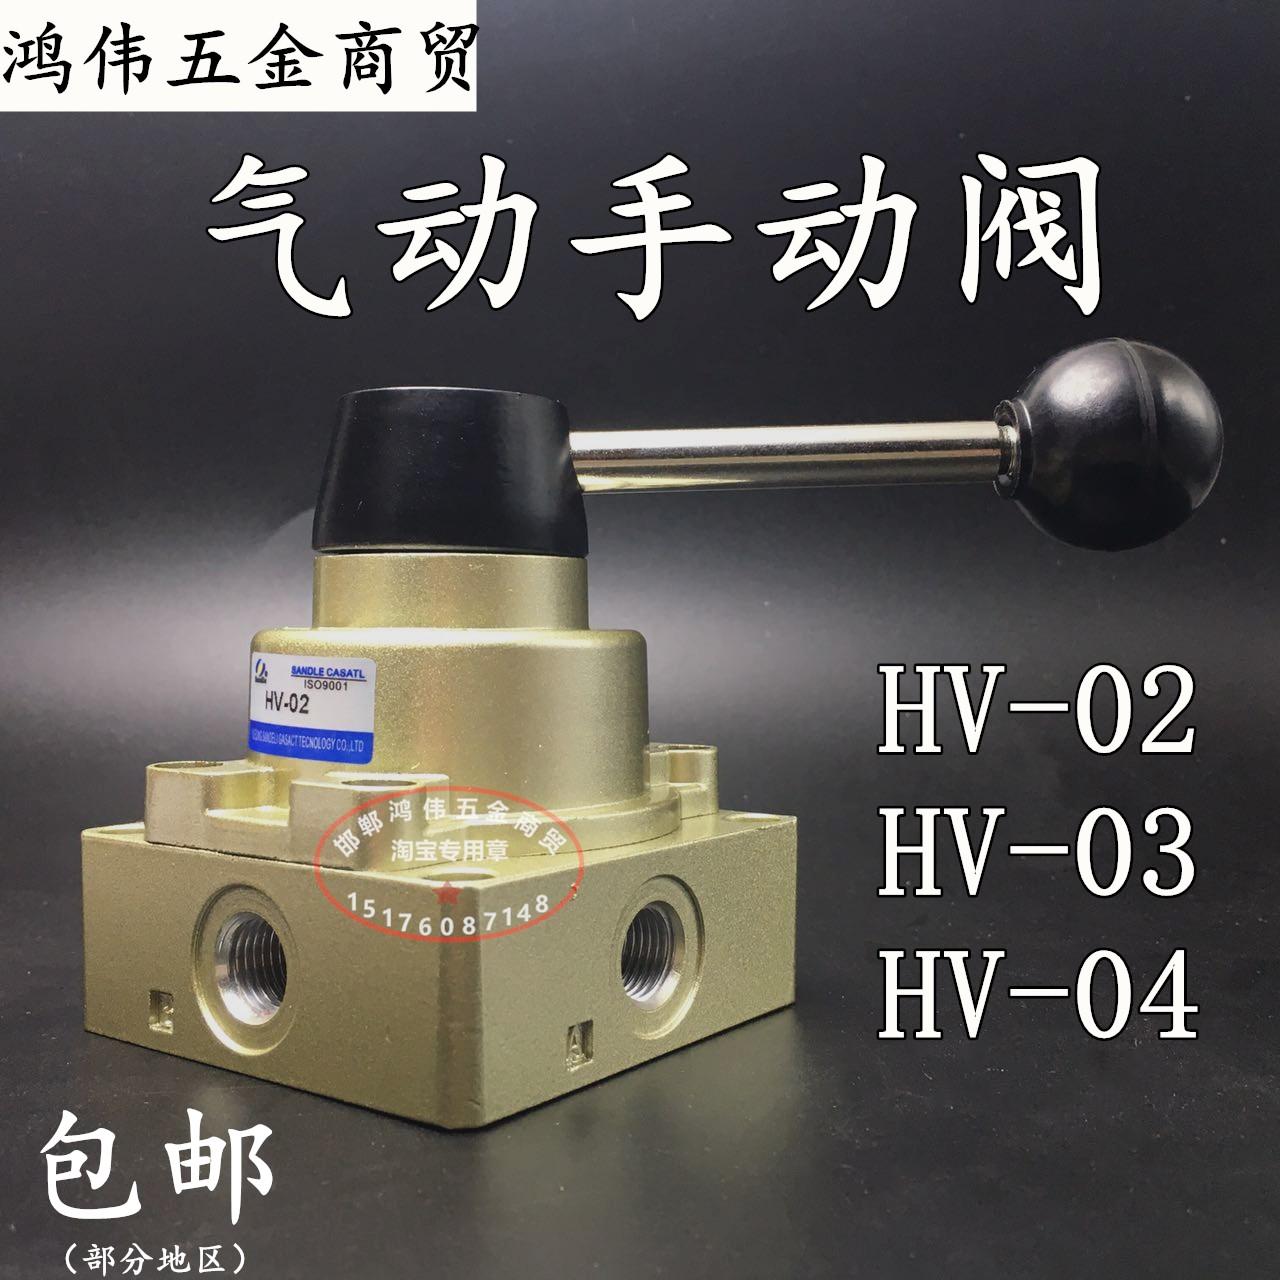 - tre fyrkant manuellt byta hand i hand med ventil att pneumatiska ventiler HV-02/0304 manuell ventil